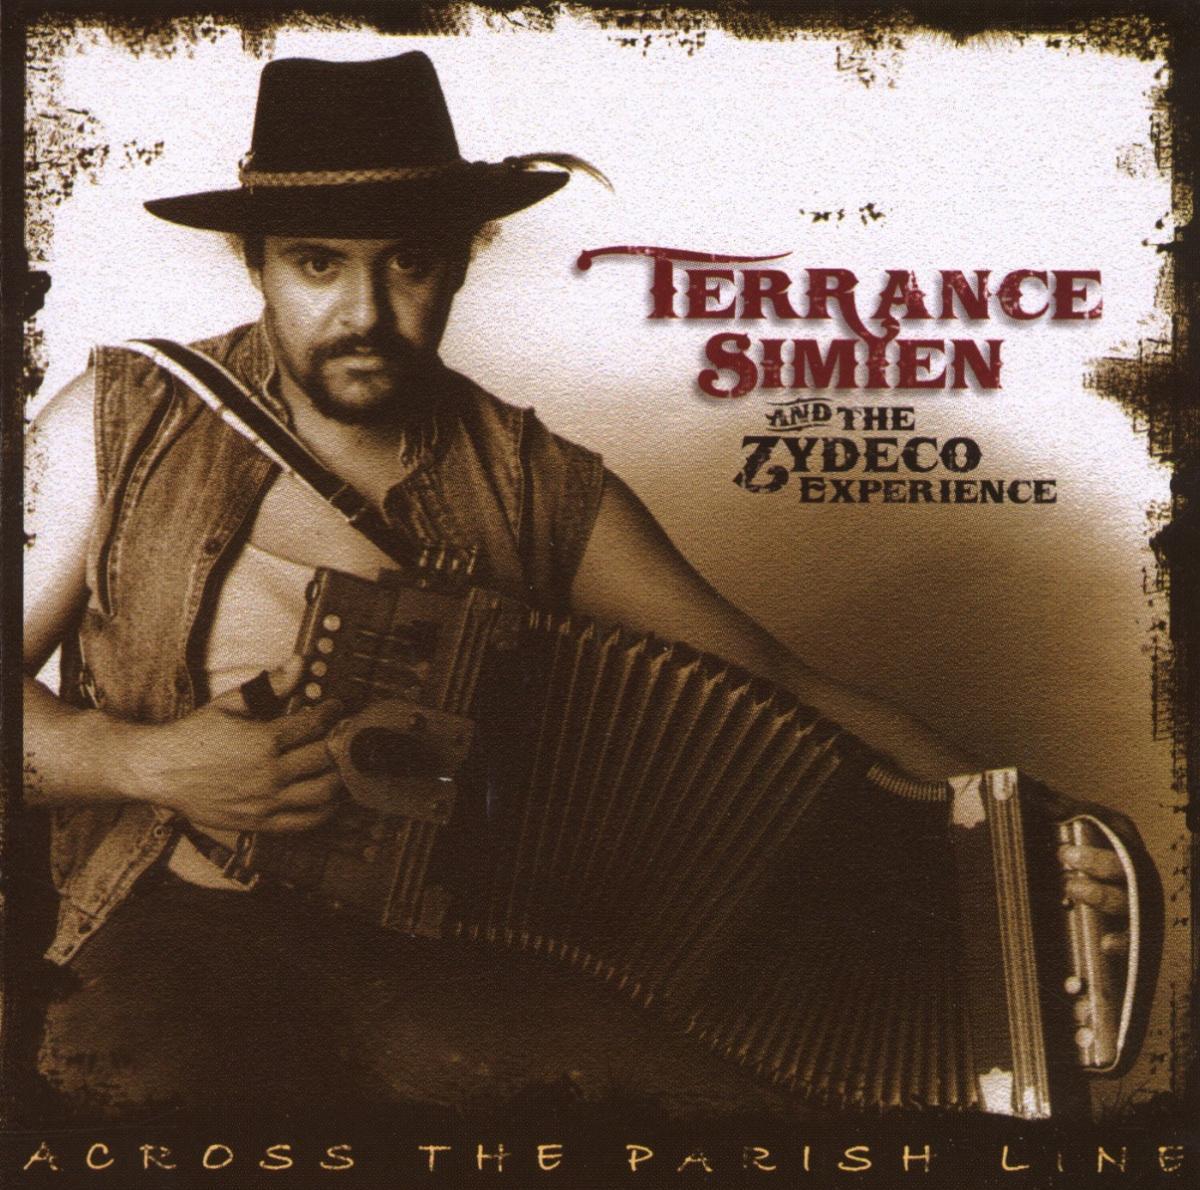 Across the Parish Line - Terrance Simien - Musik - AIM RECORDS - 0752211501424 - April 10, 2020